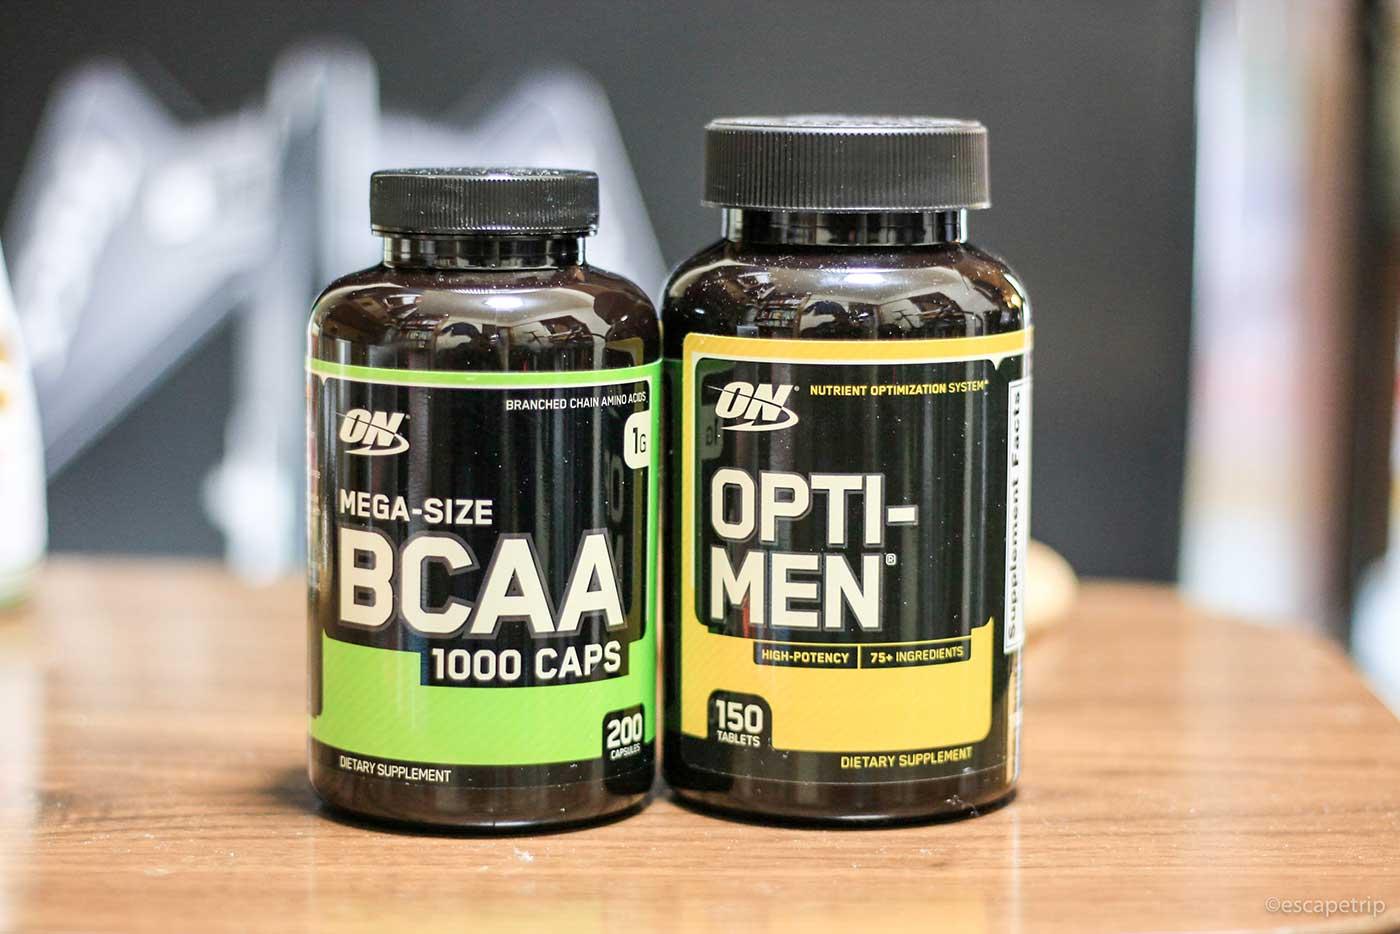 オプティメンのマルチビタミン剤とBCAA